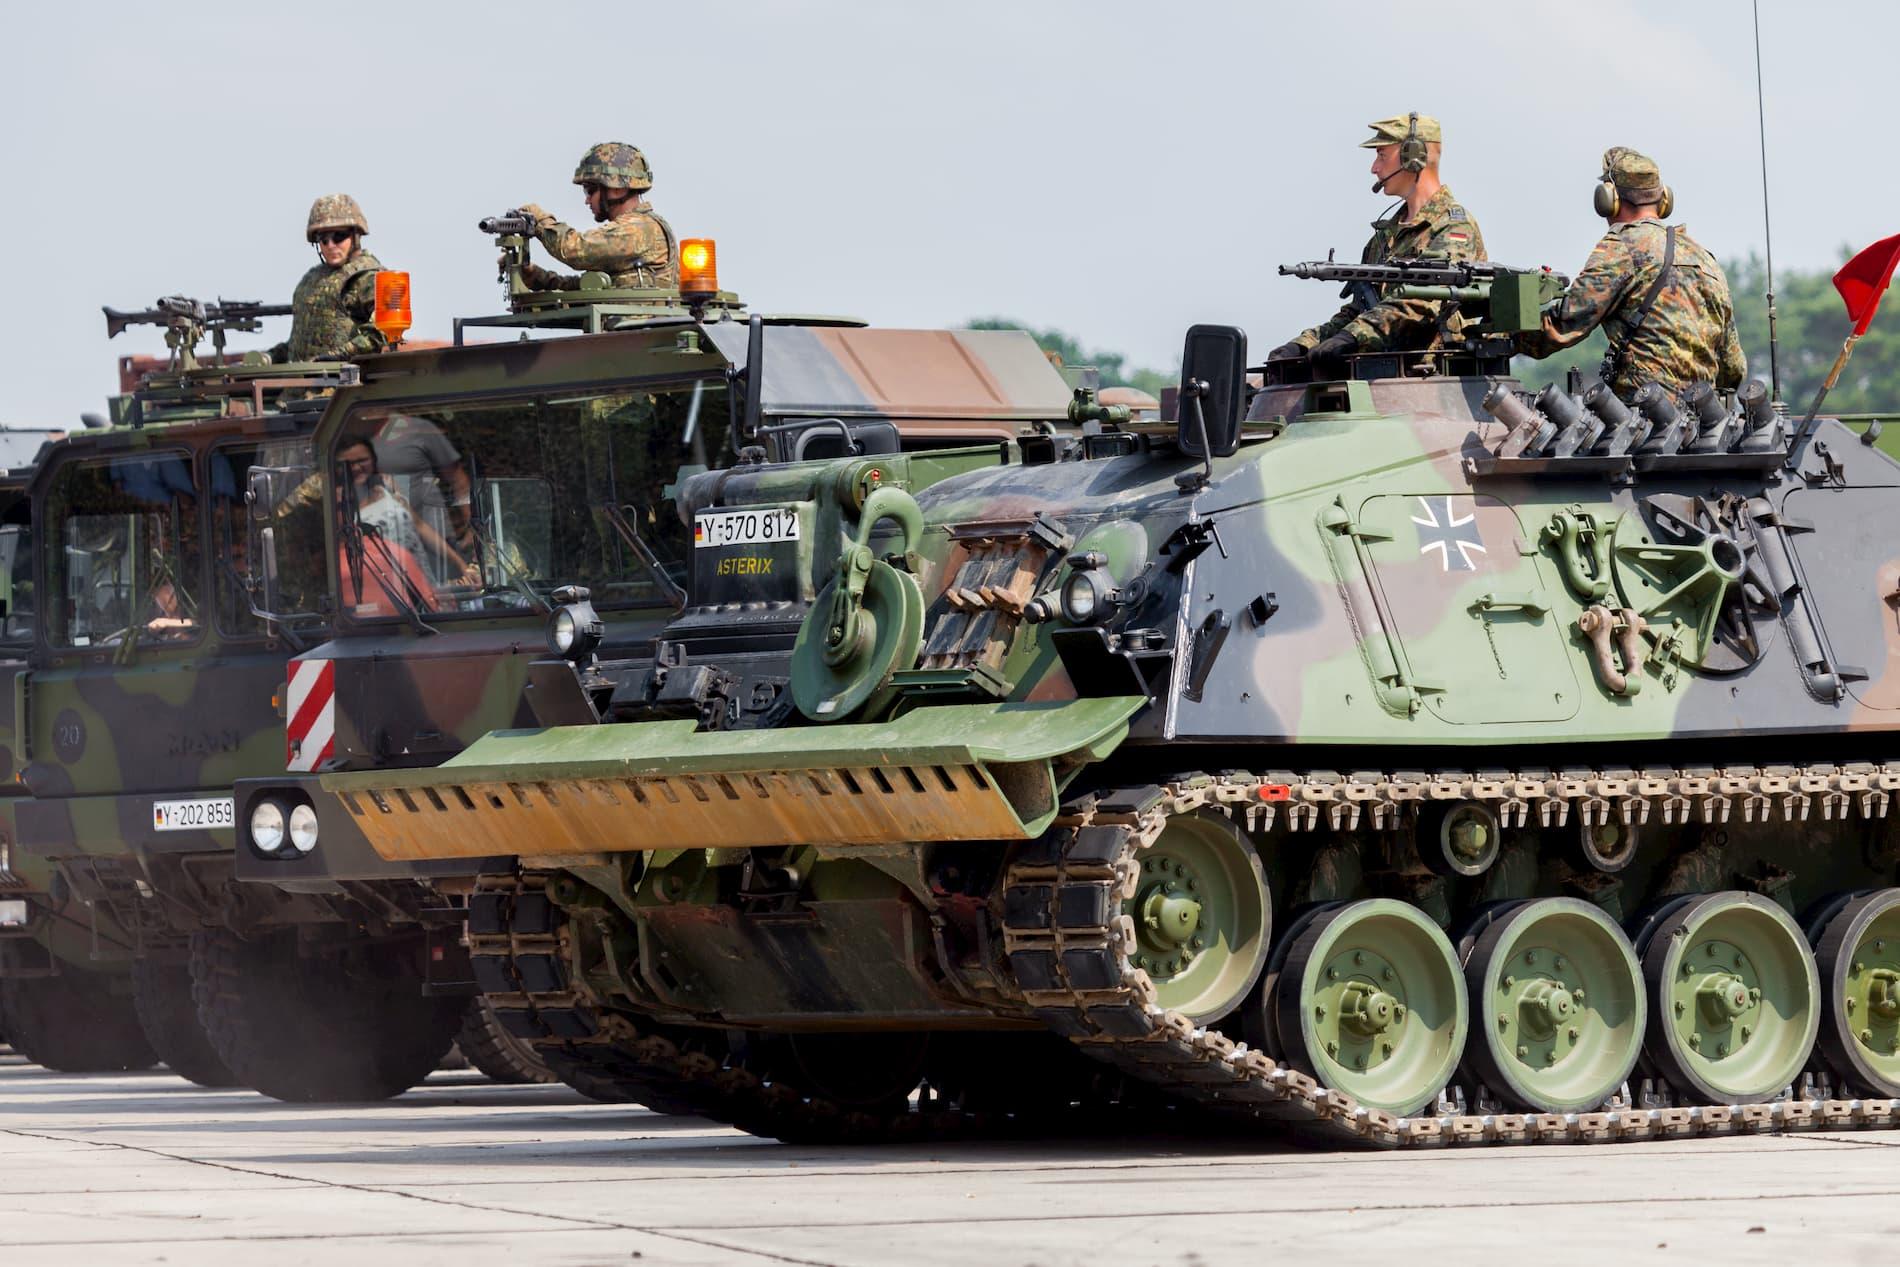 Bewerbung bei der Bundeswehr: Der Bund als Arbeitgeber